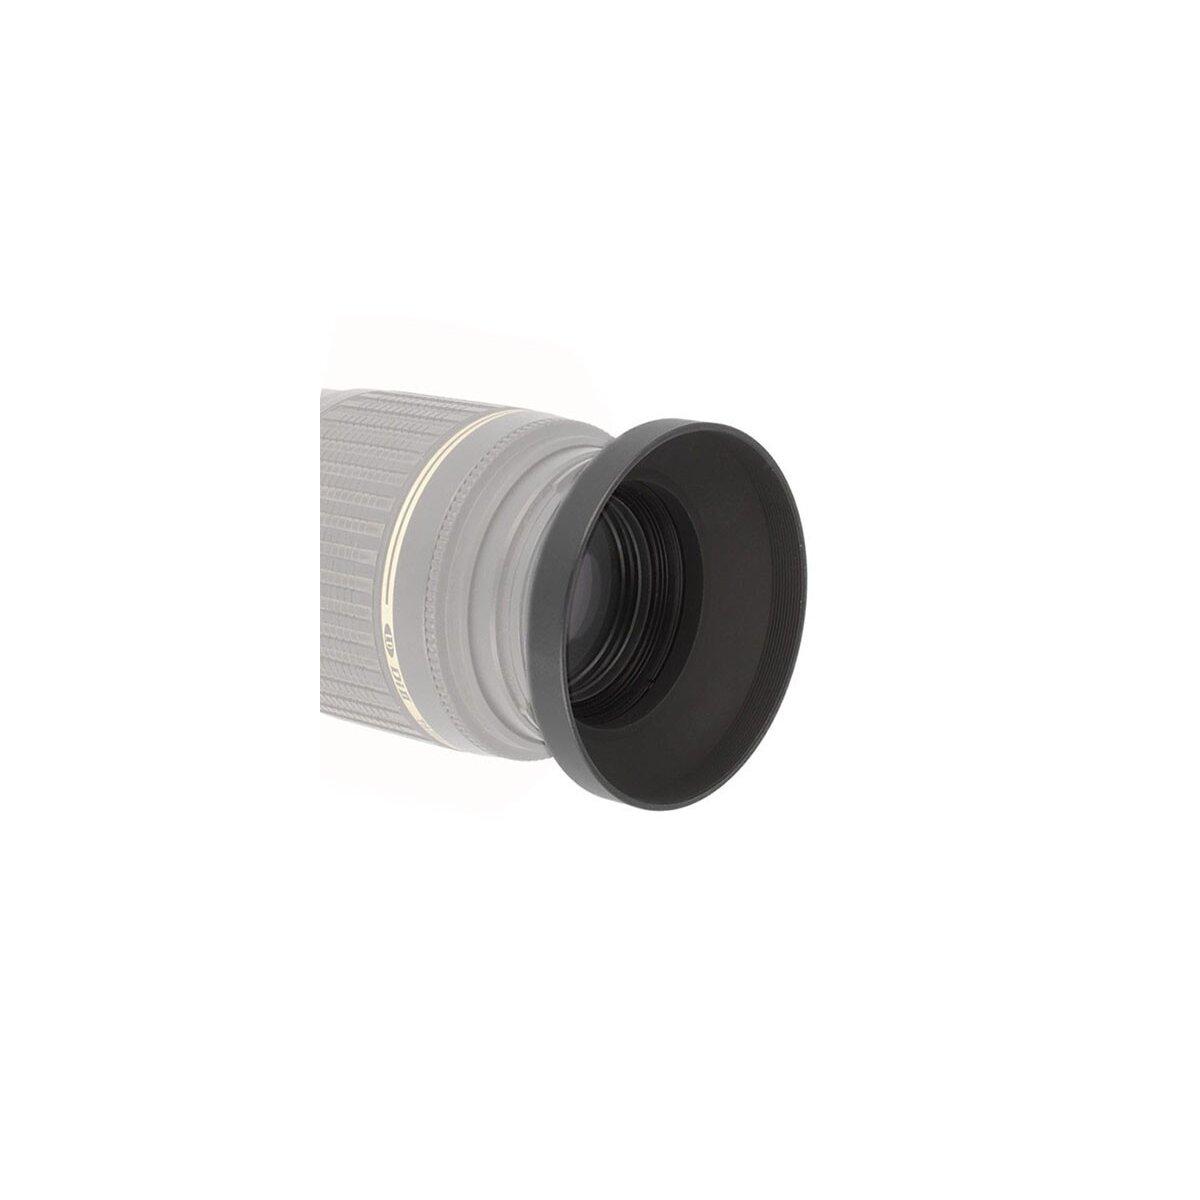 Weitwinkel Sonnenblende / Gegenlichtblende 52mm - Aluminium